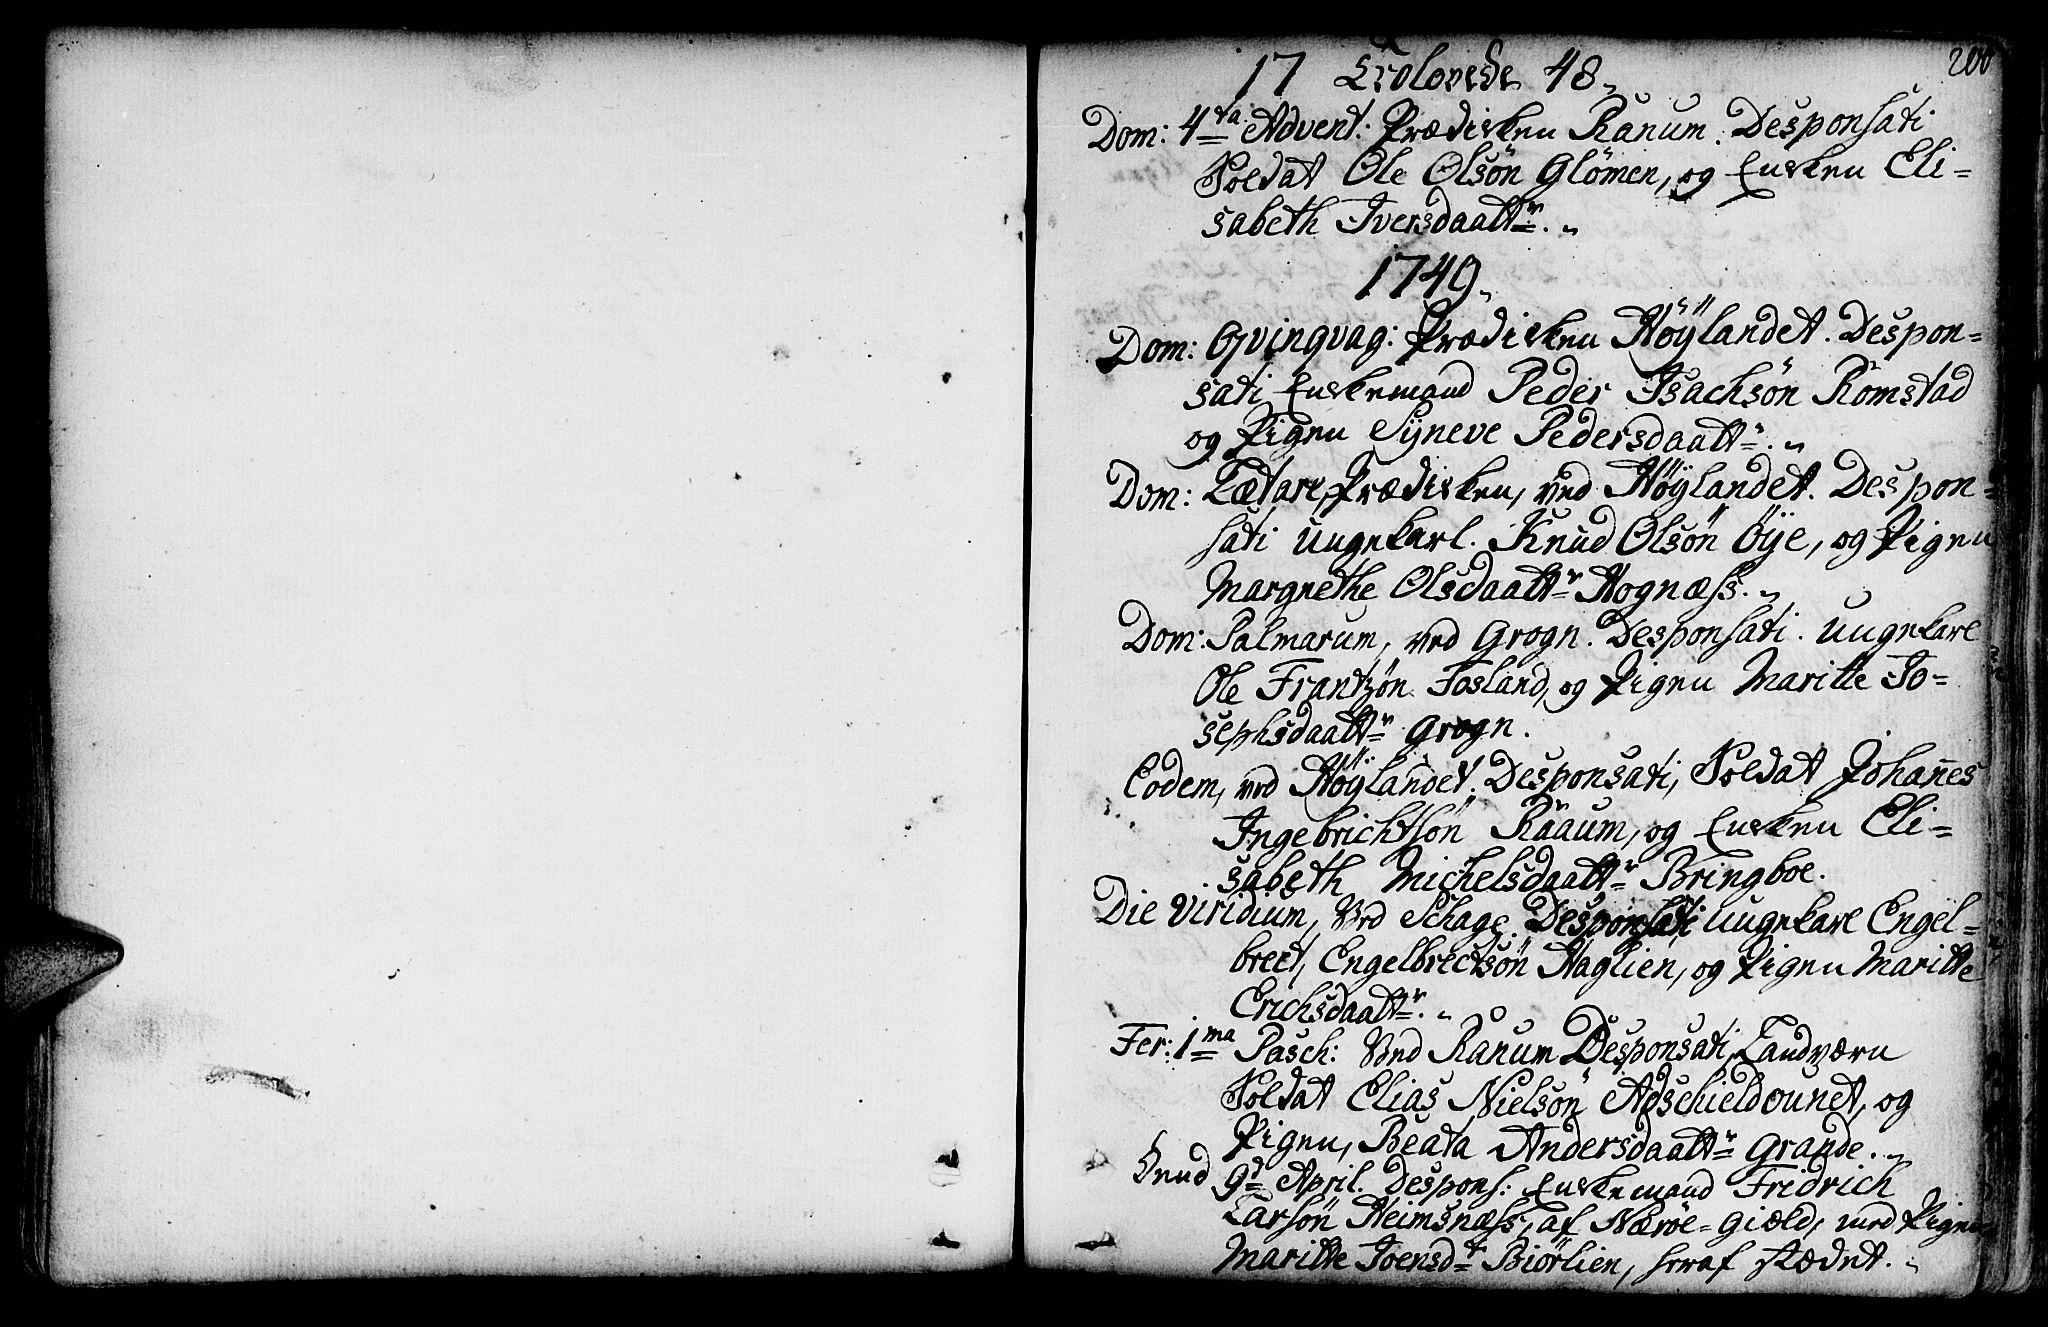 SAT, Ministerialprotokoller, klokkerbøker og fødselsregistre - Nord-Trøndelag, 764/L0542: Ministerialbok nr. 764A02, 1748-1779, s. 200